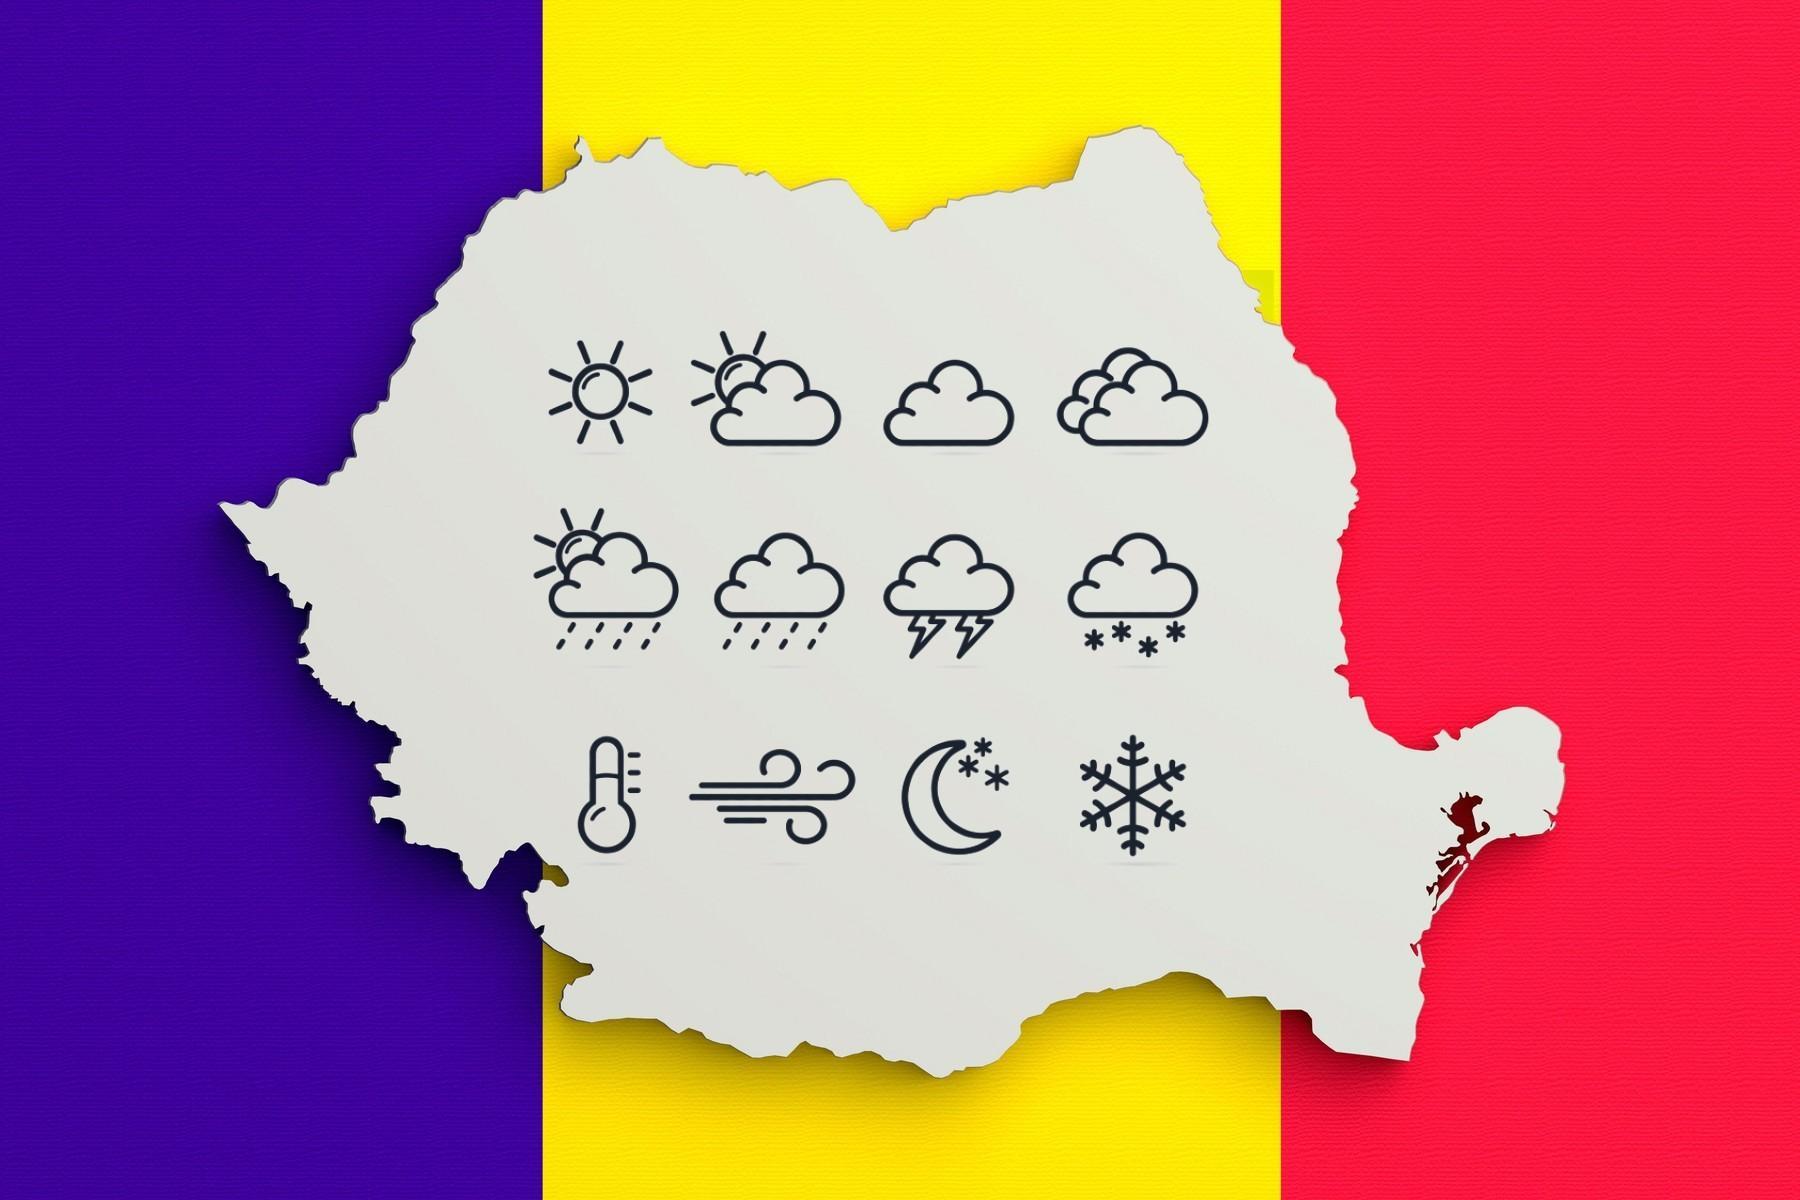 Prognoza Meteo, 12 aprilie 2021. Cum va fi vremea în România și care sunt previziunile ANM pentru astăzi